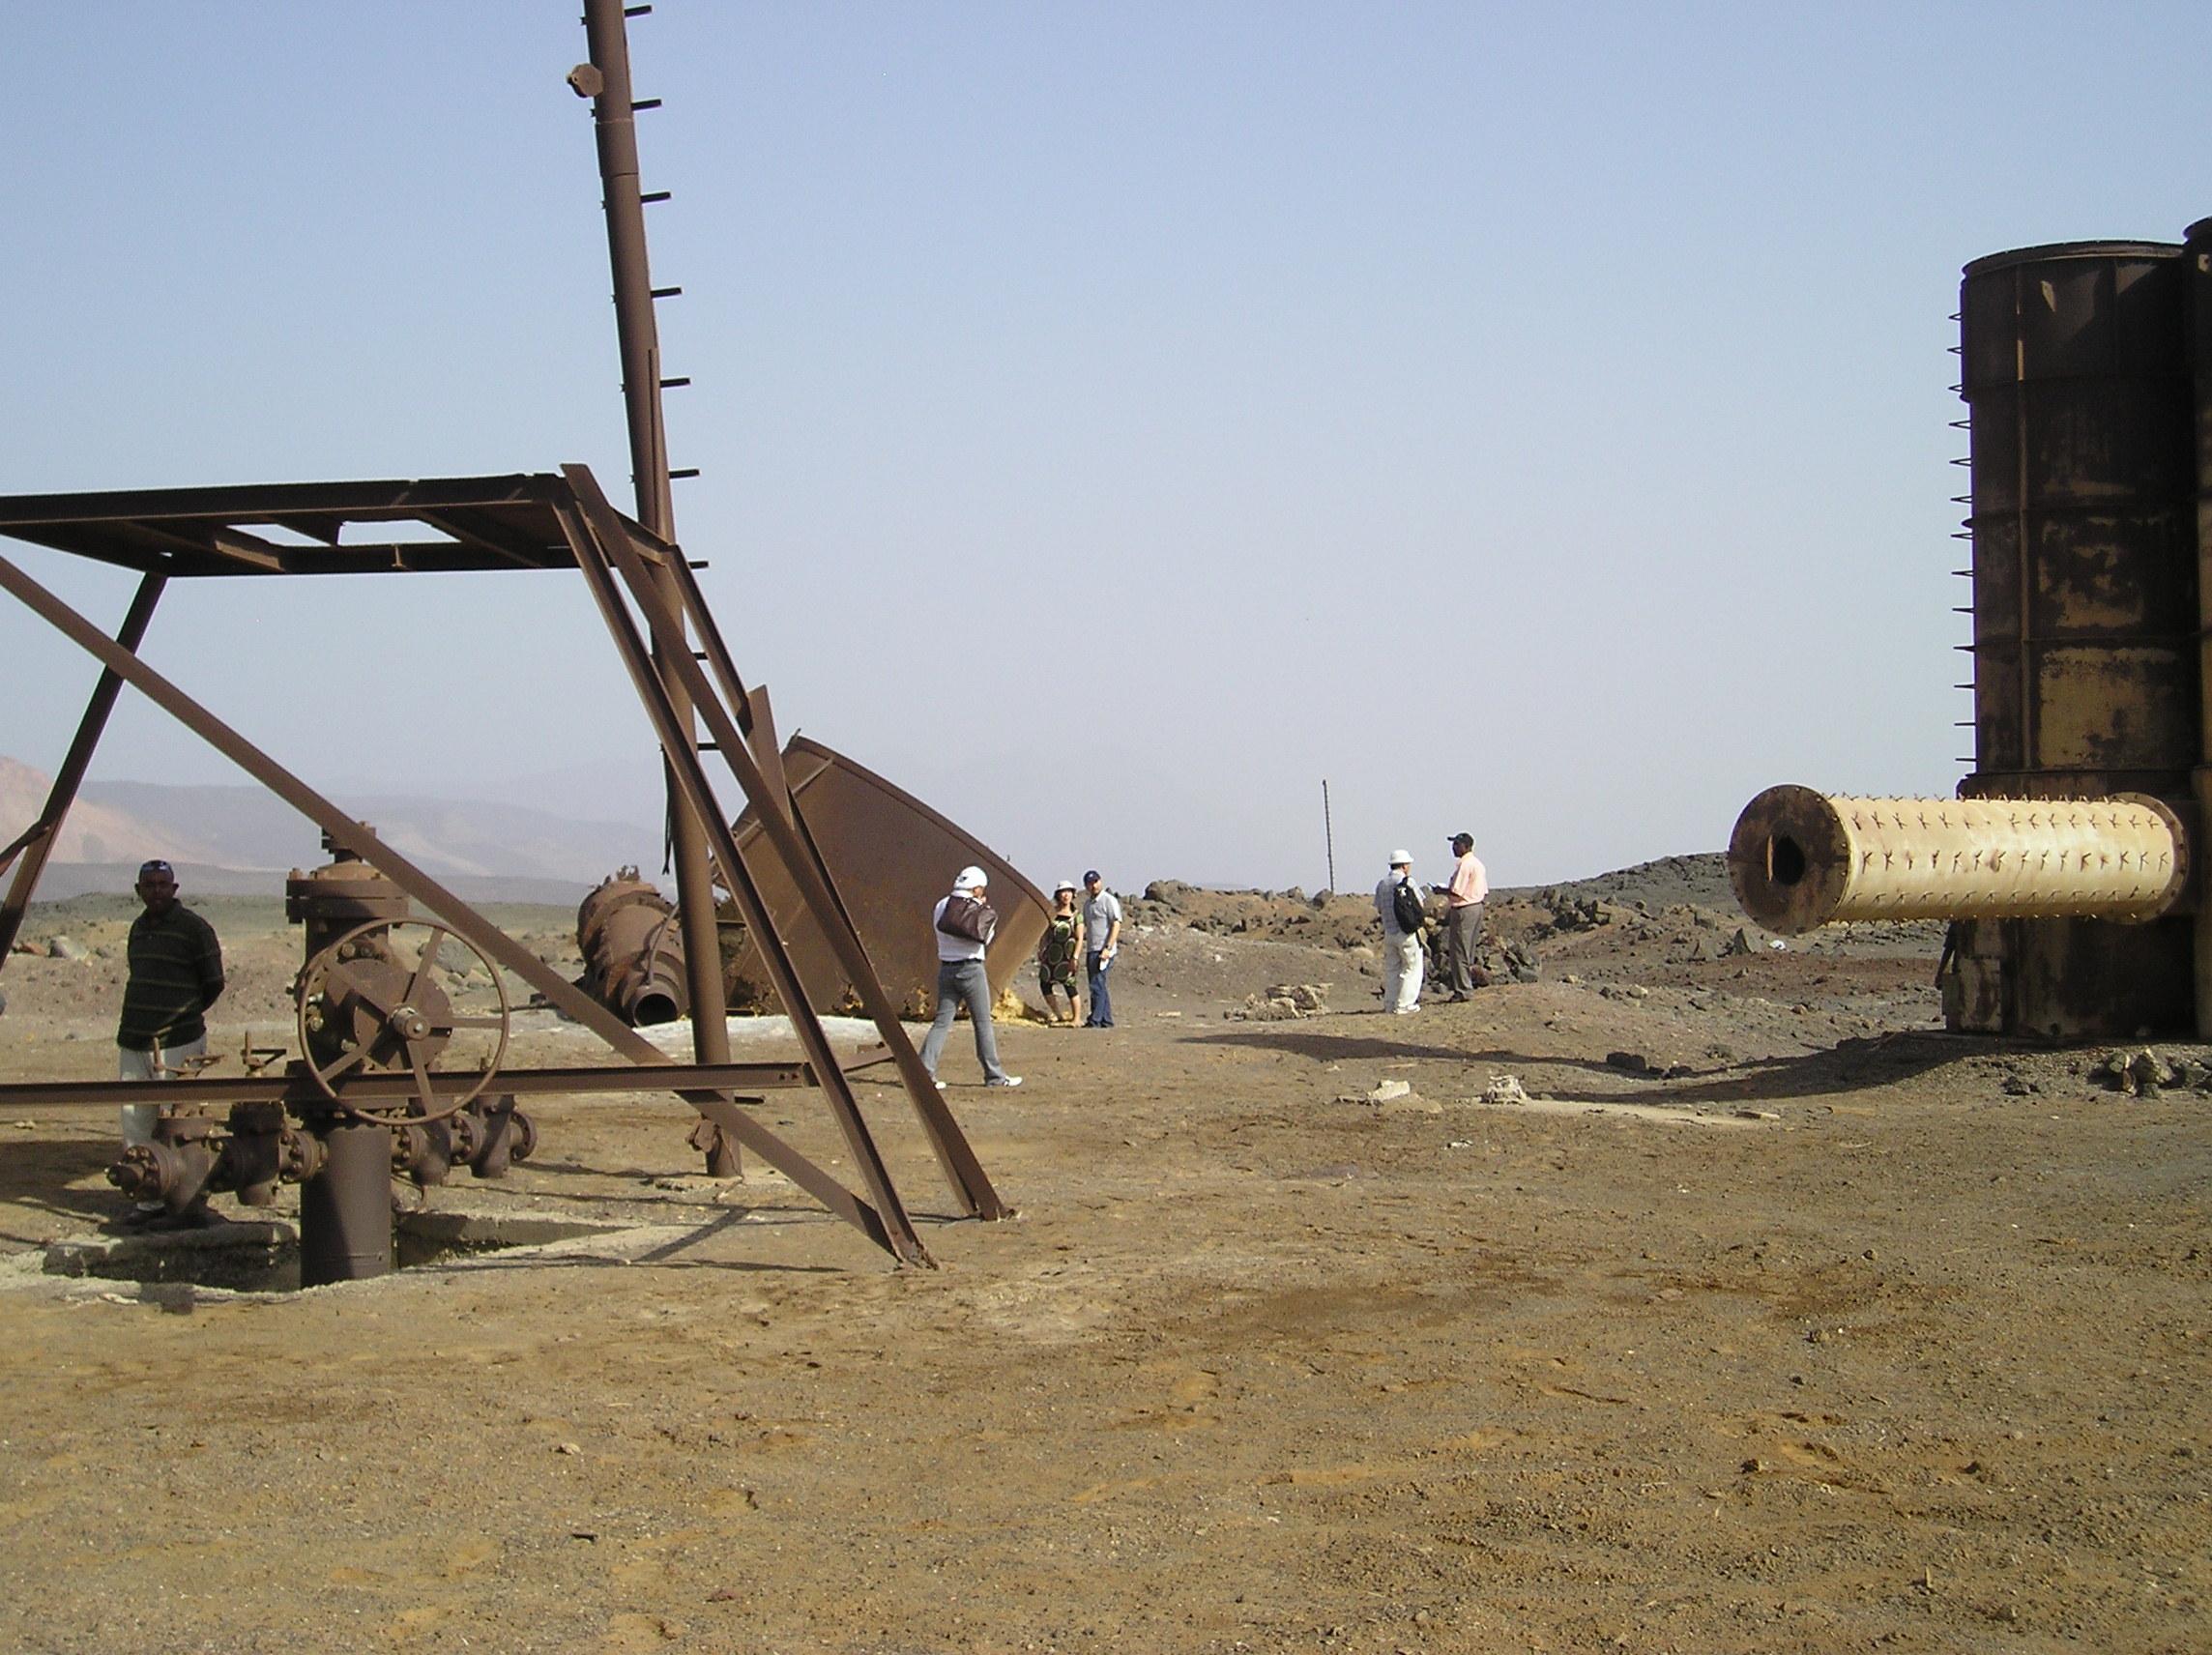 Assal, Djibouti